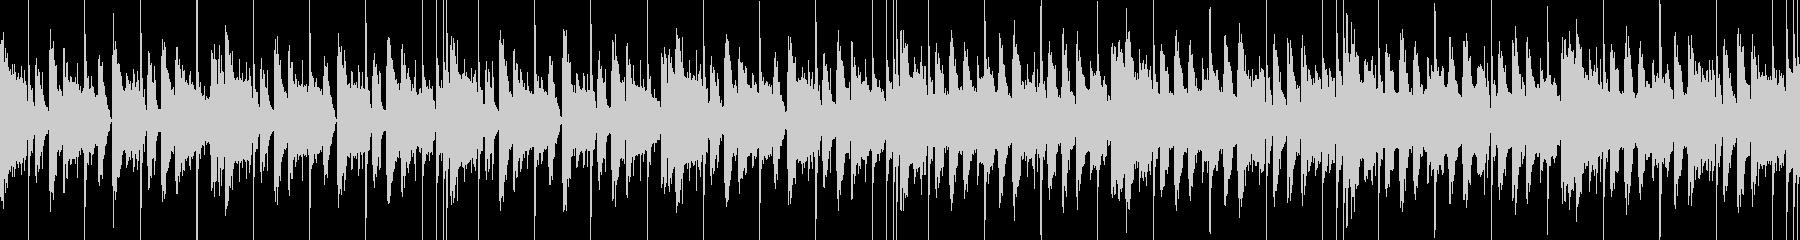 フューチャーベースEDM・かわいい楽しいの未再生の波形